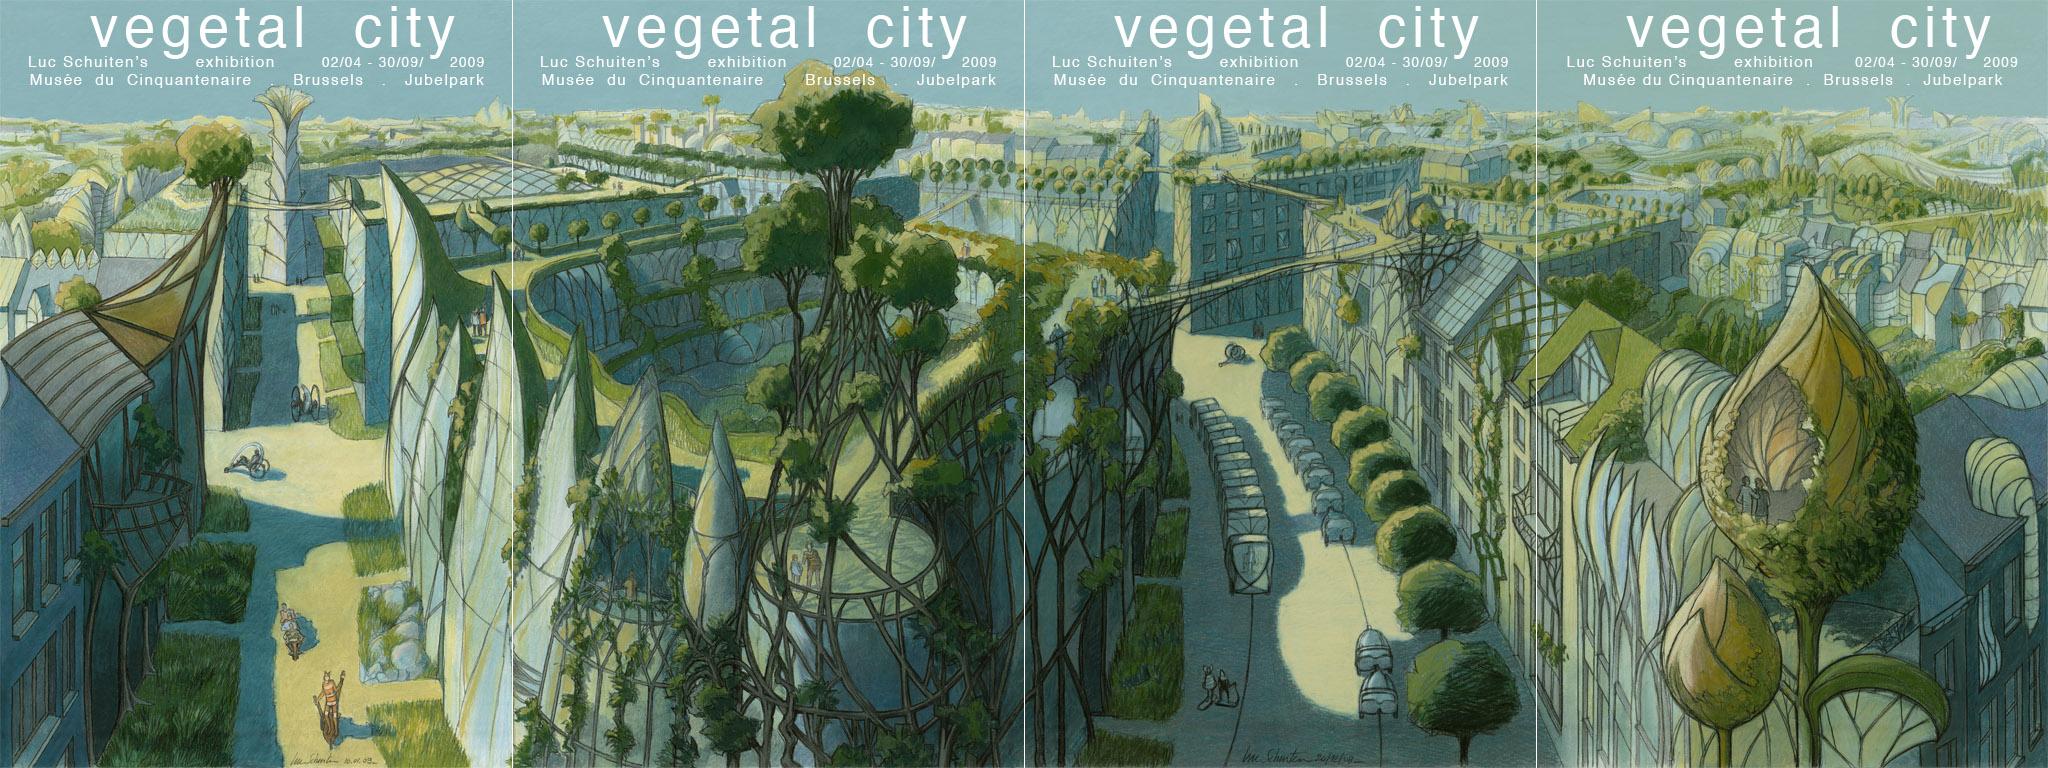 expo_vegetalcity_big